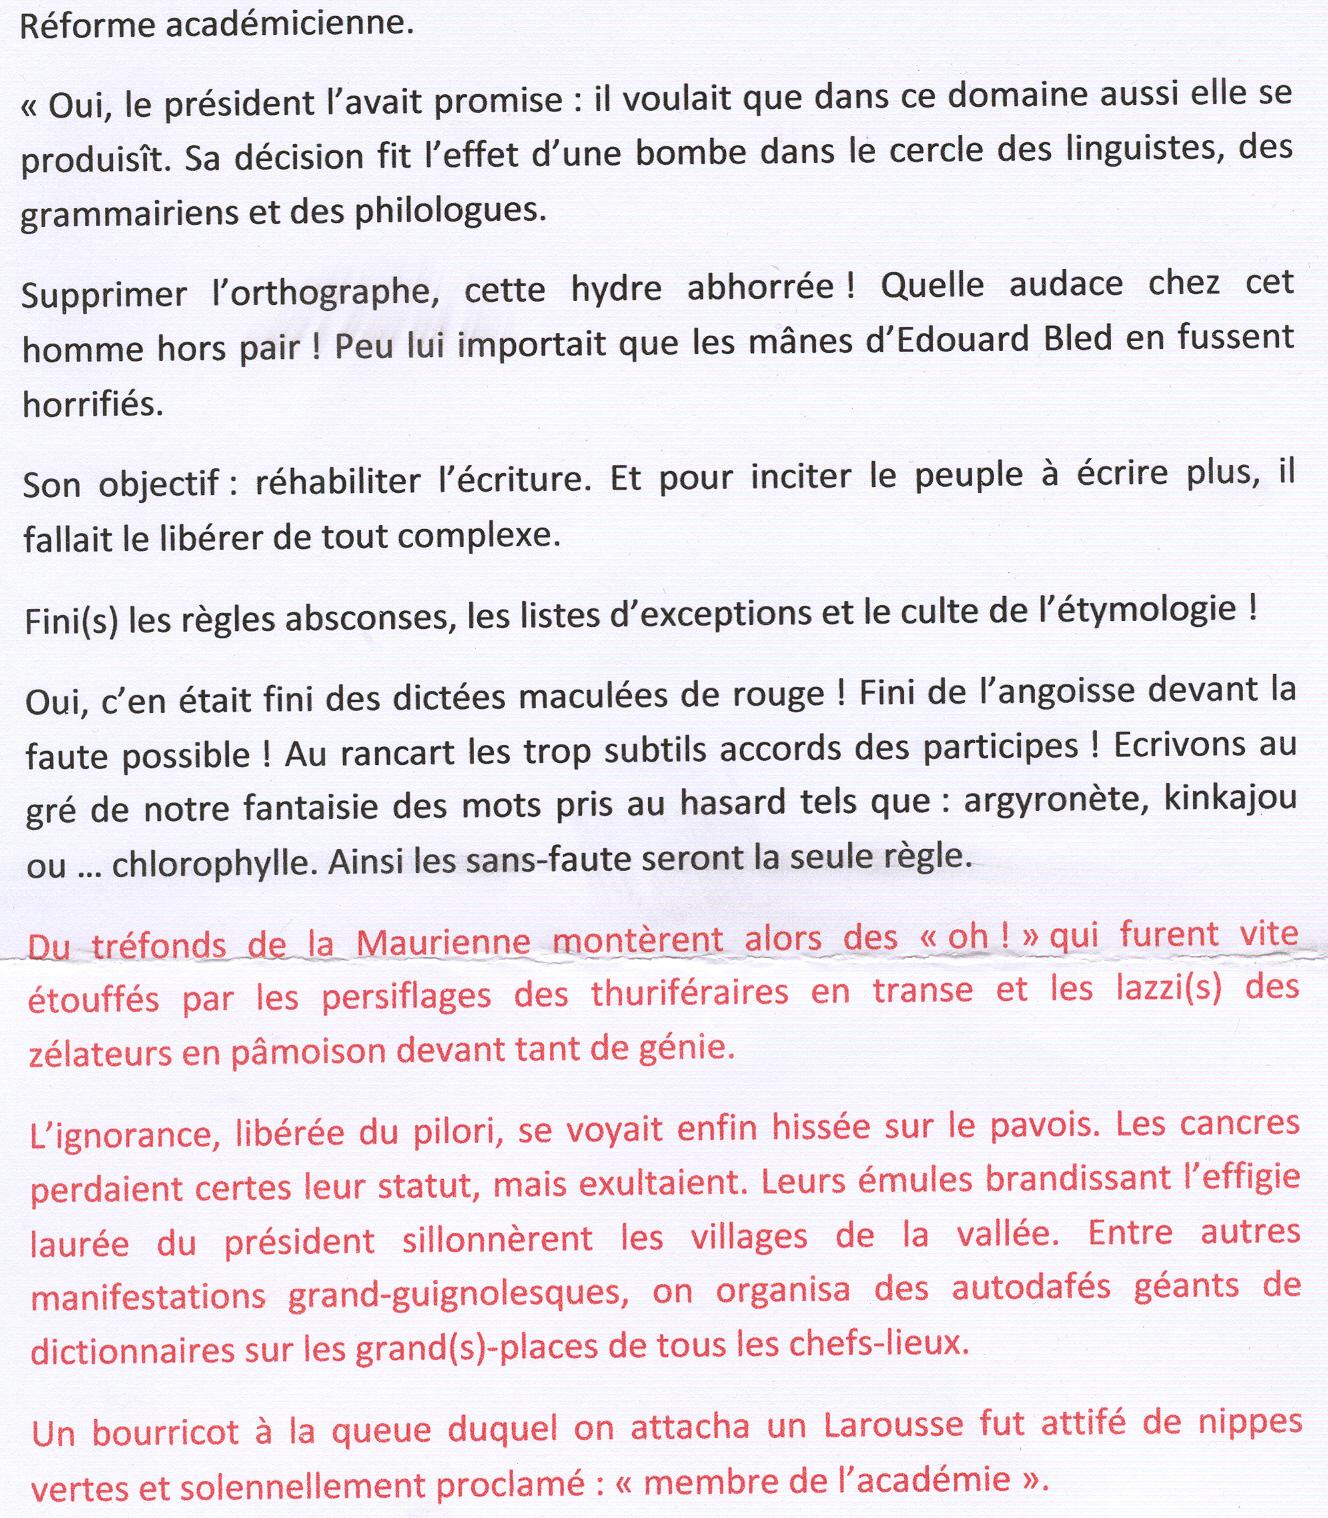 http://academiedemaurienne.unblog.fr/files/2009/03/numriser1.jpg